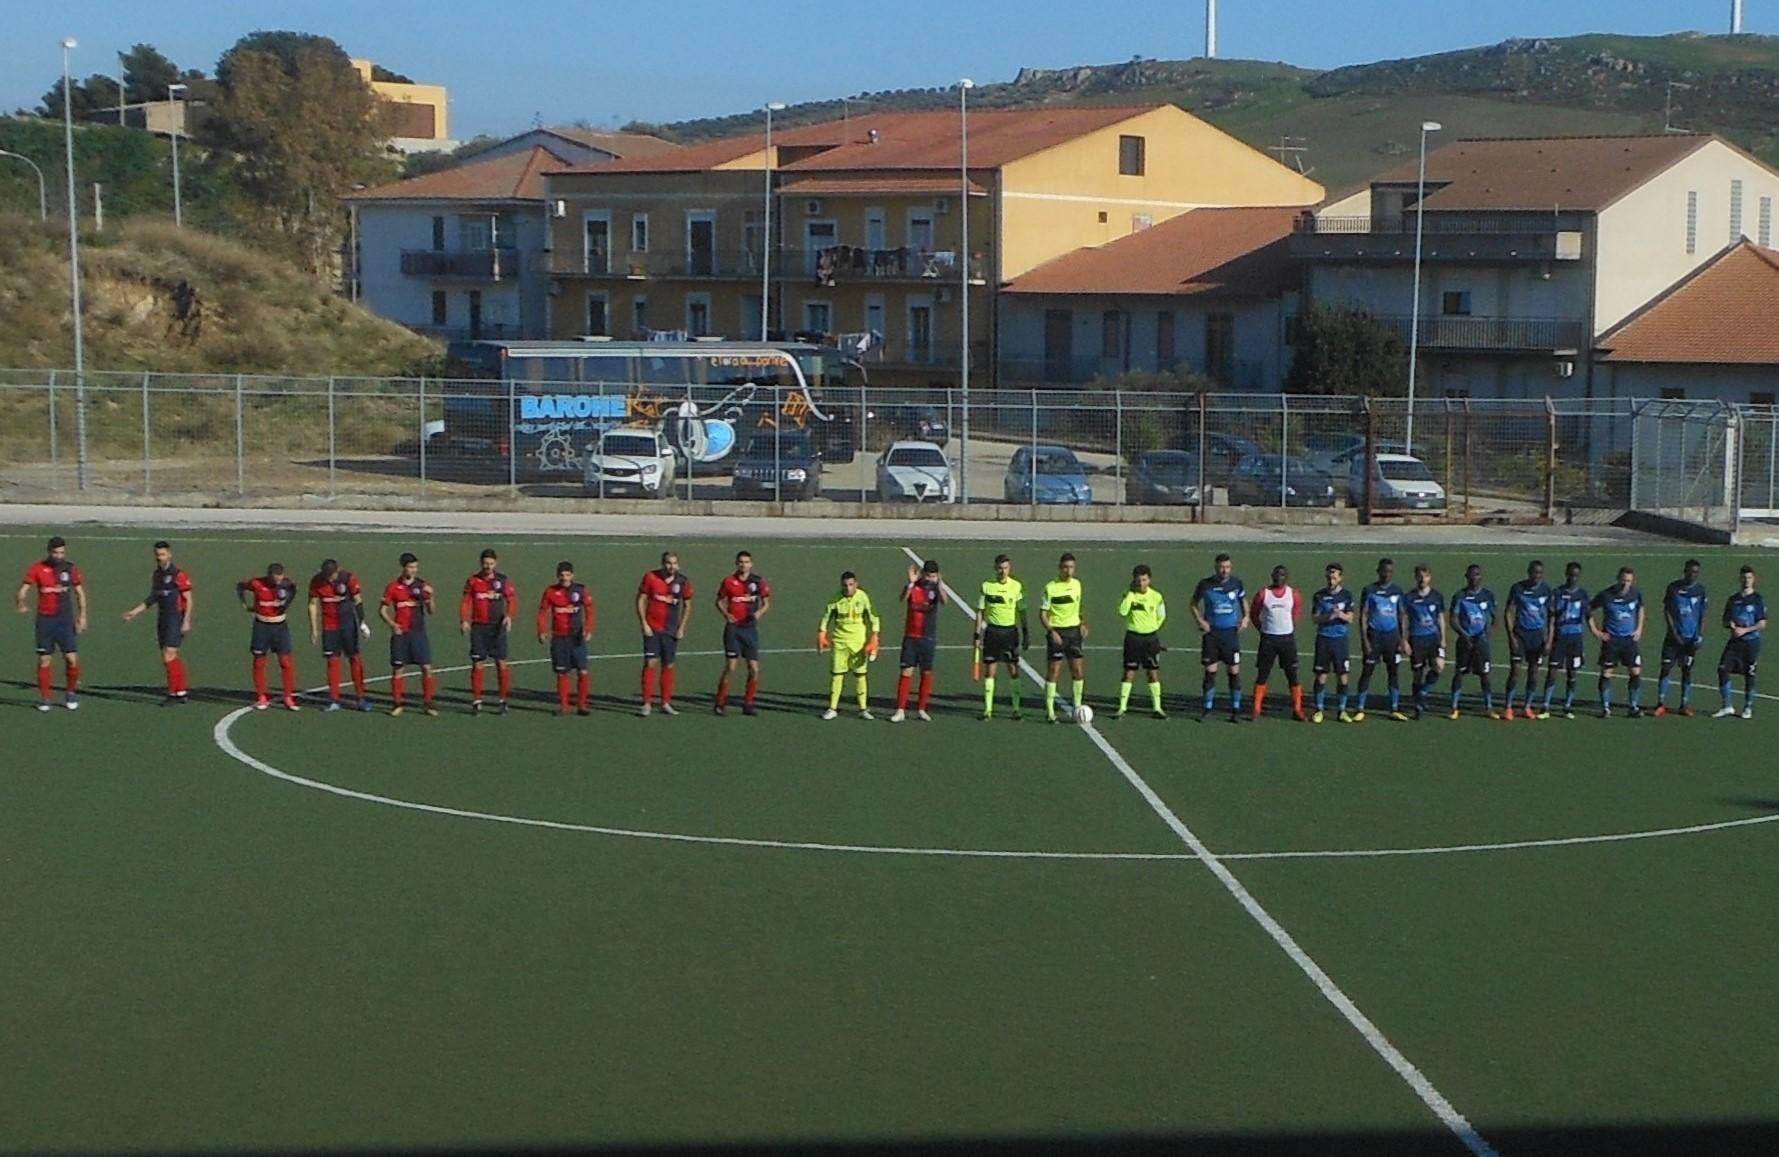 Calcio, Promozione: il Modica delude ancora in trasferta e pareggia con la Don Bosco ( 2 a 2 )